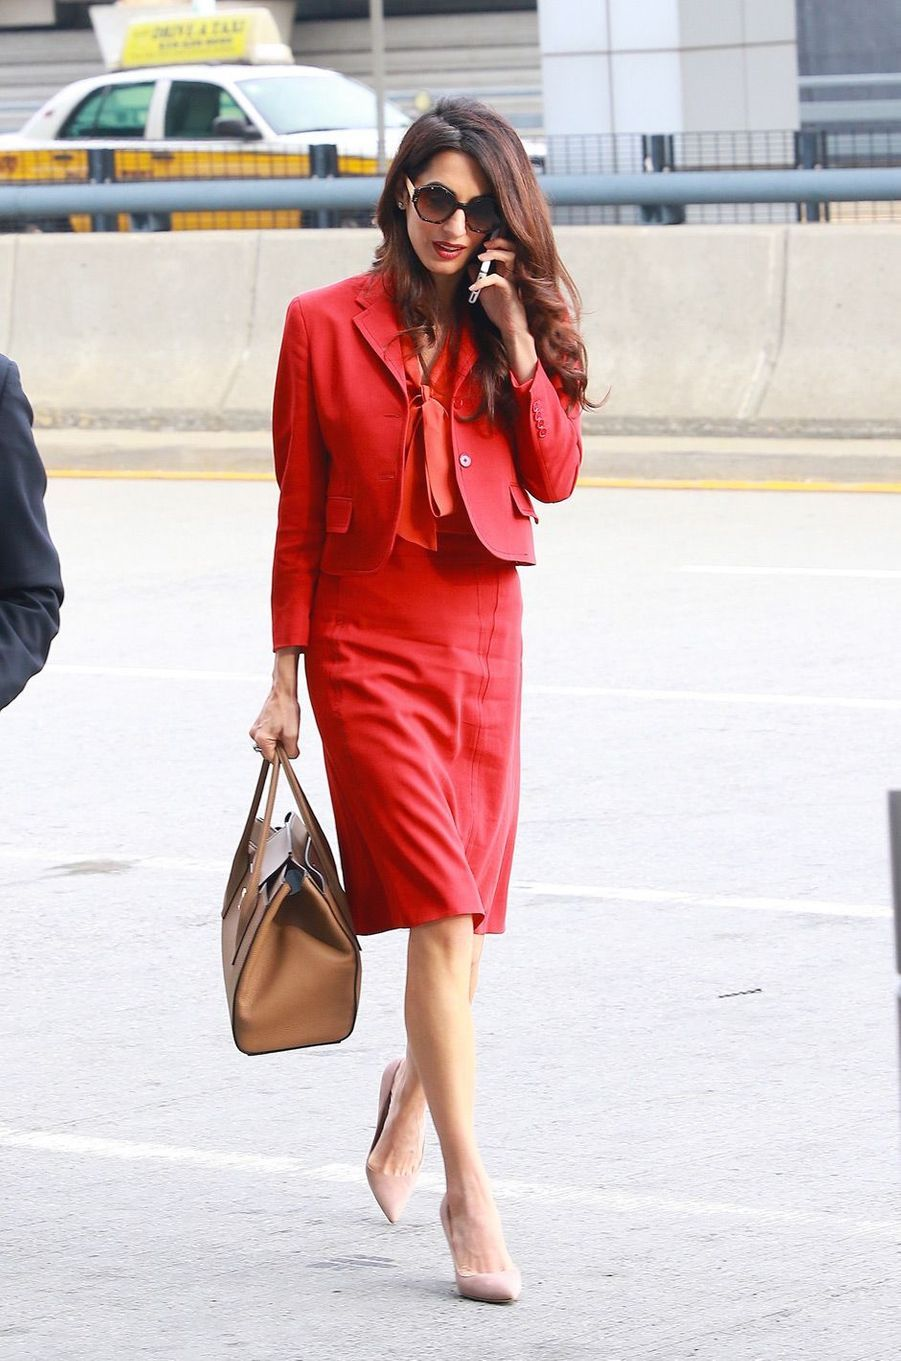 Amal Clooney de retour au travail après son congé maternité, jeudi 21 septembre